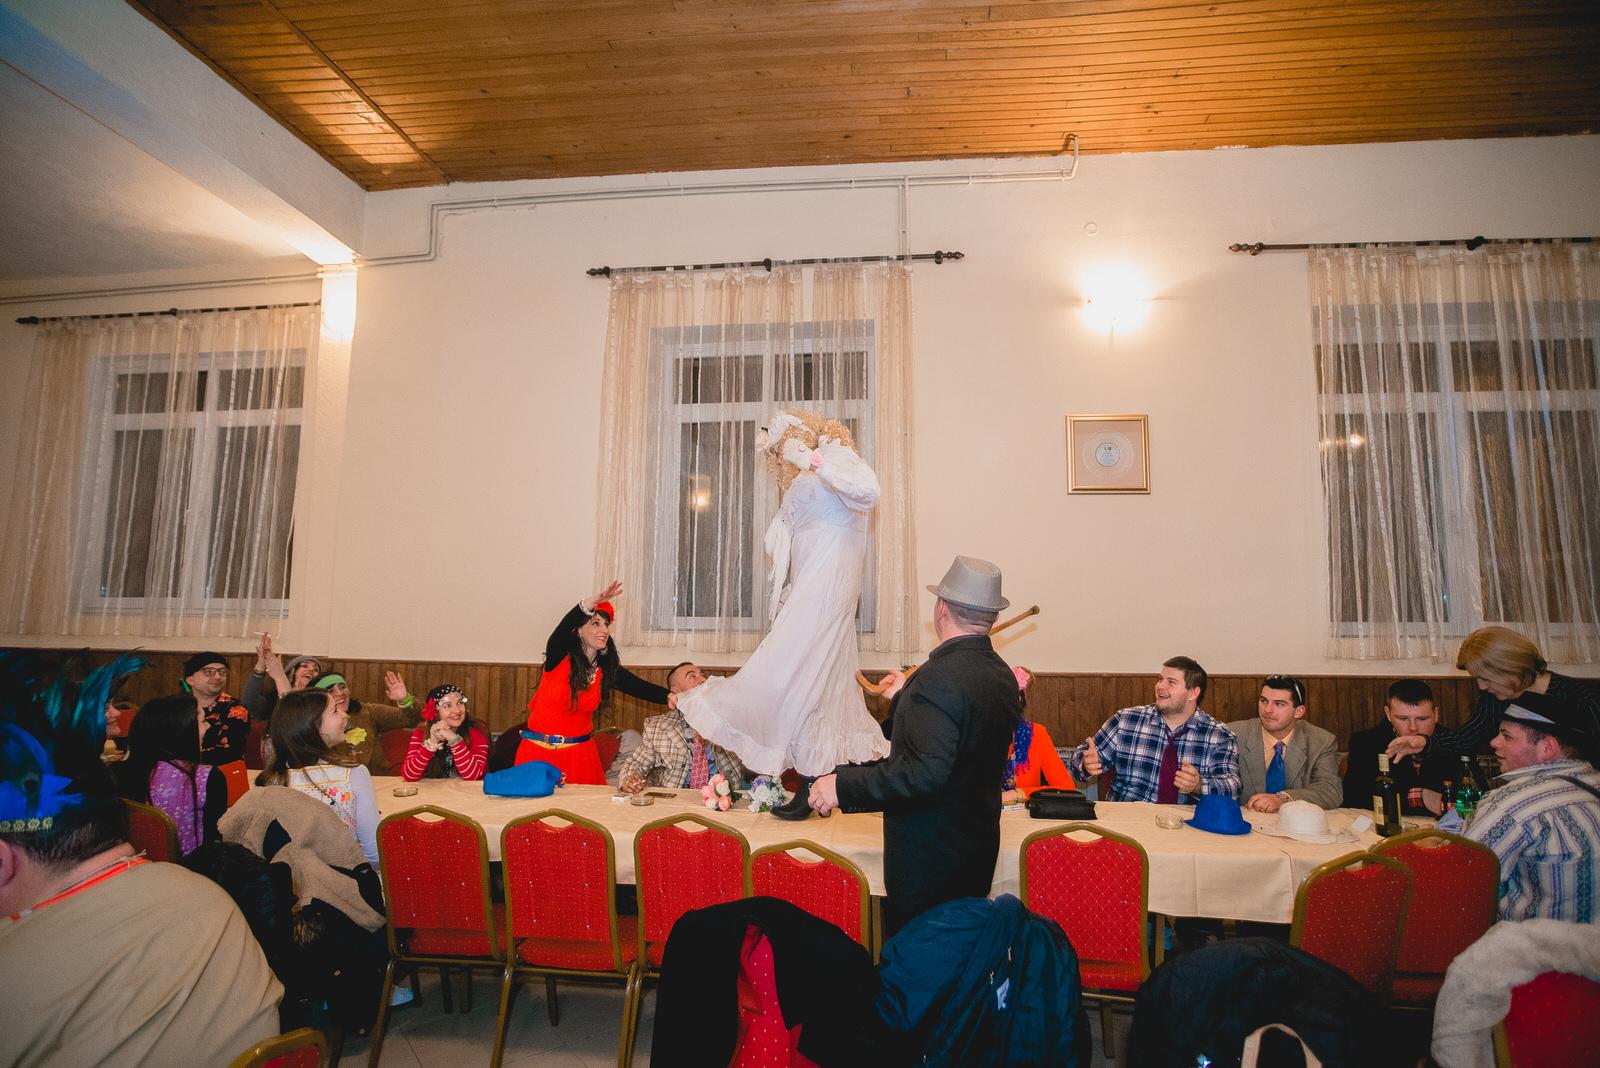 likaclub_maškare-žabica-gospić_2019-16